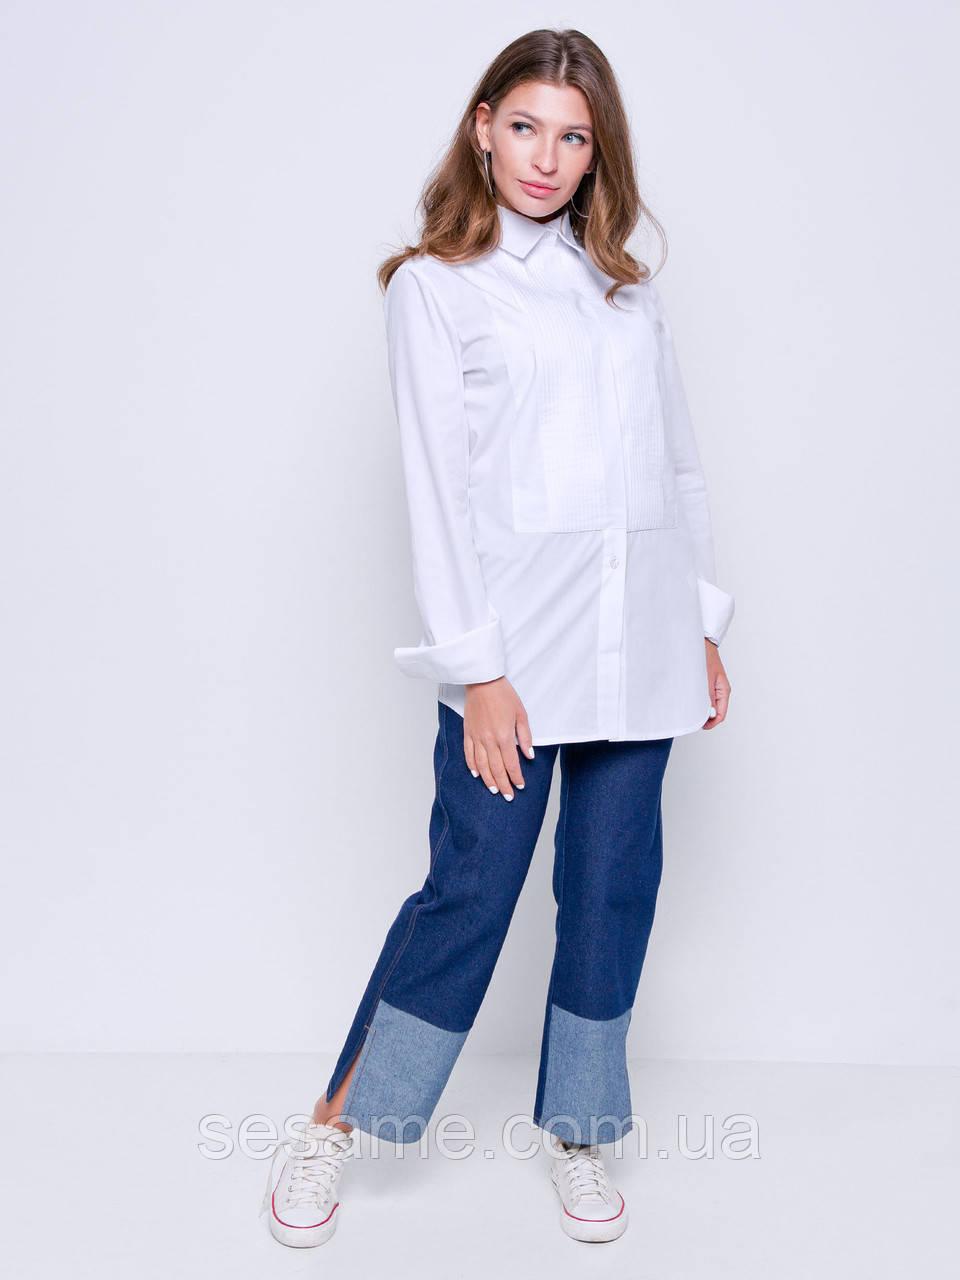 grand ua Торос джинсы